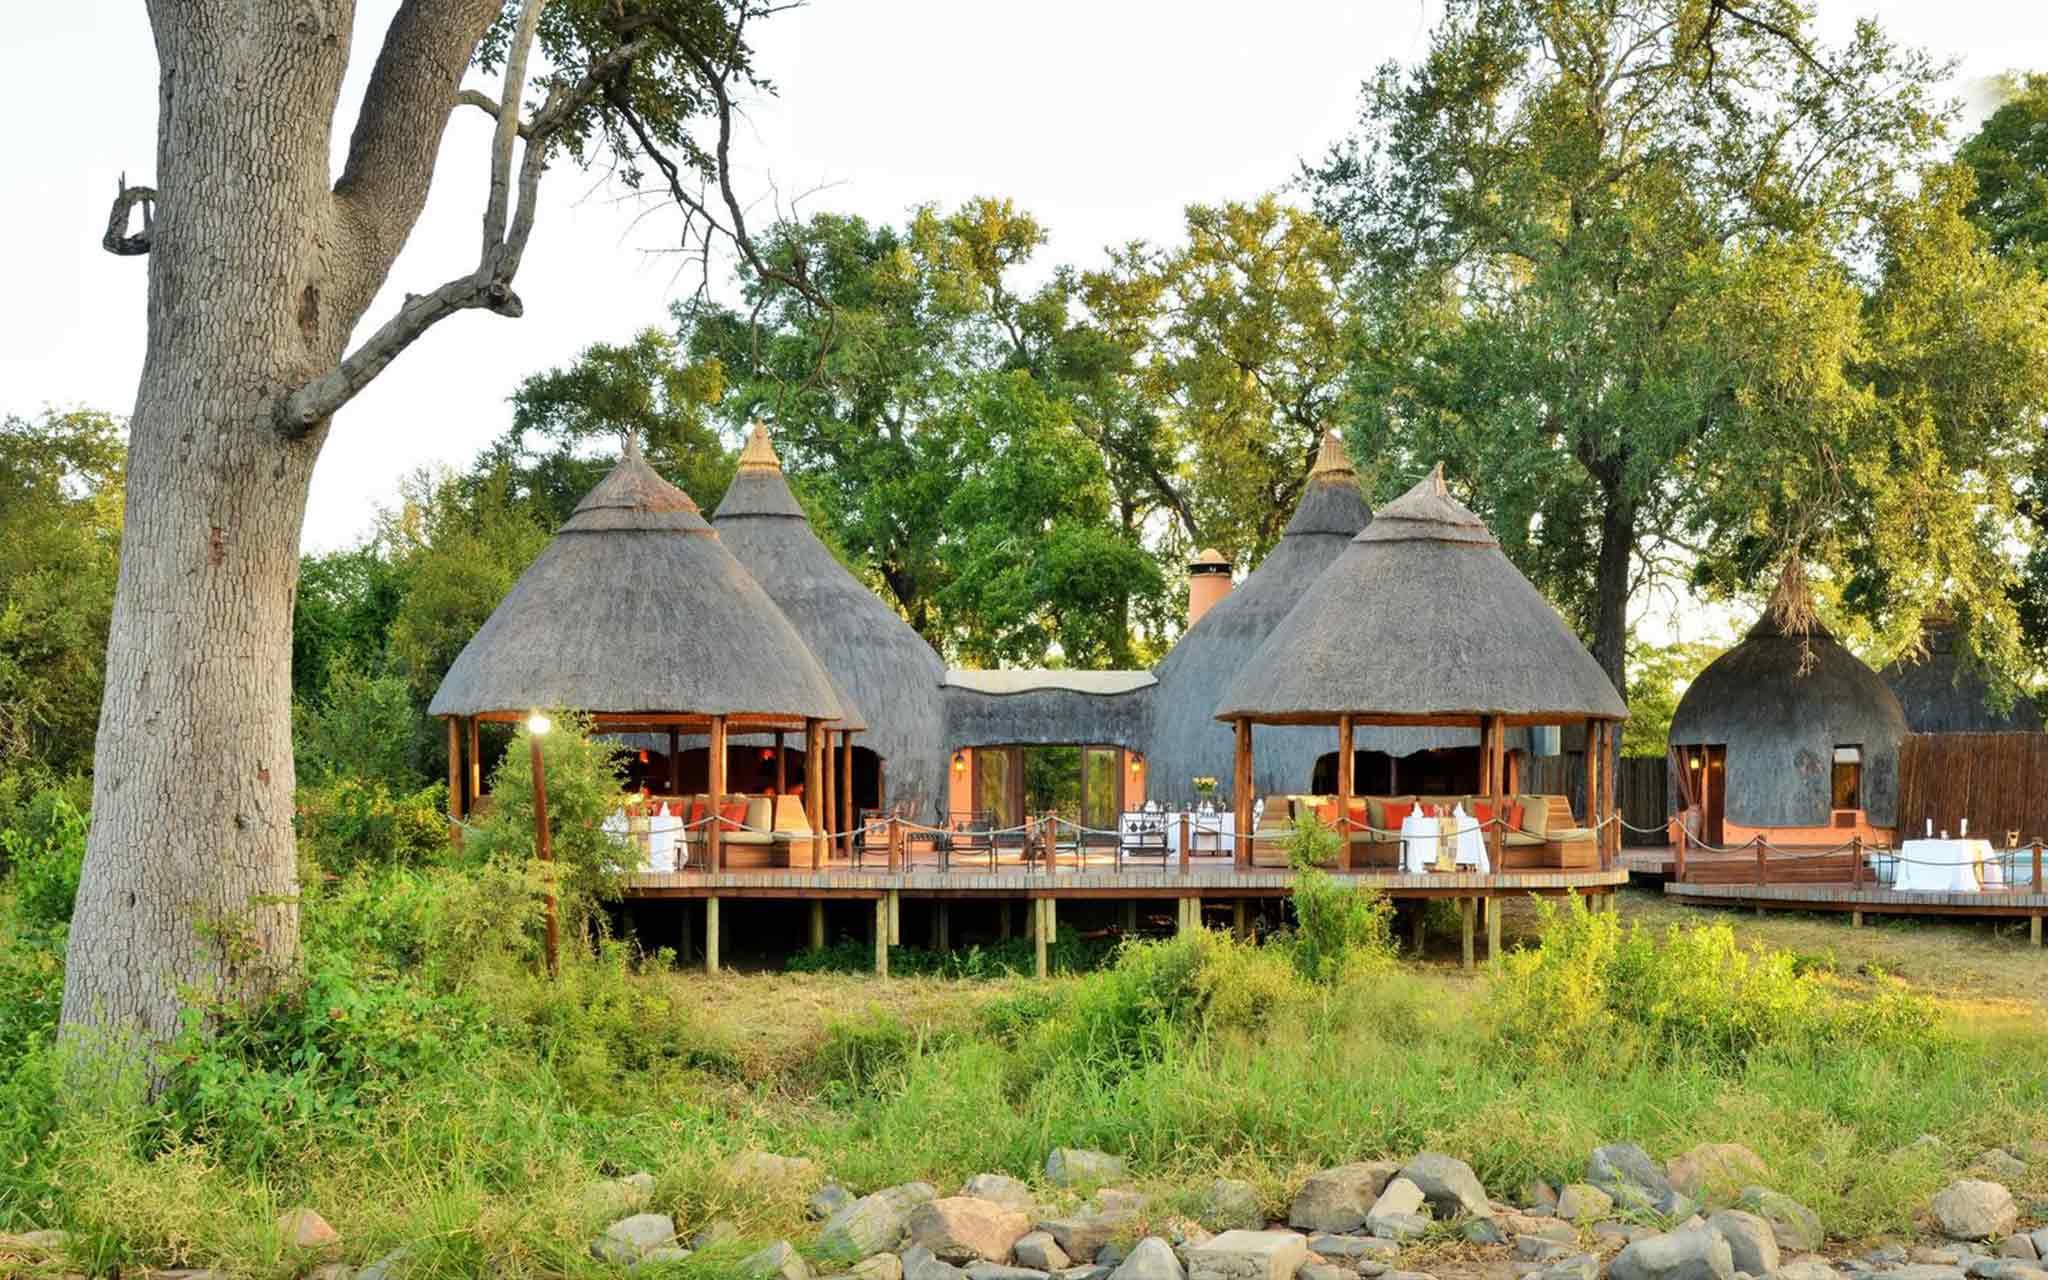 1. Hoyo Hoyo Safari Lodge